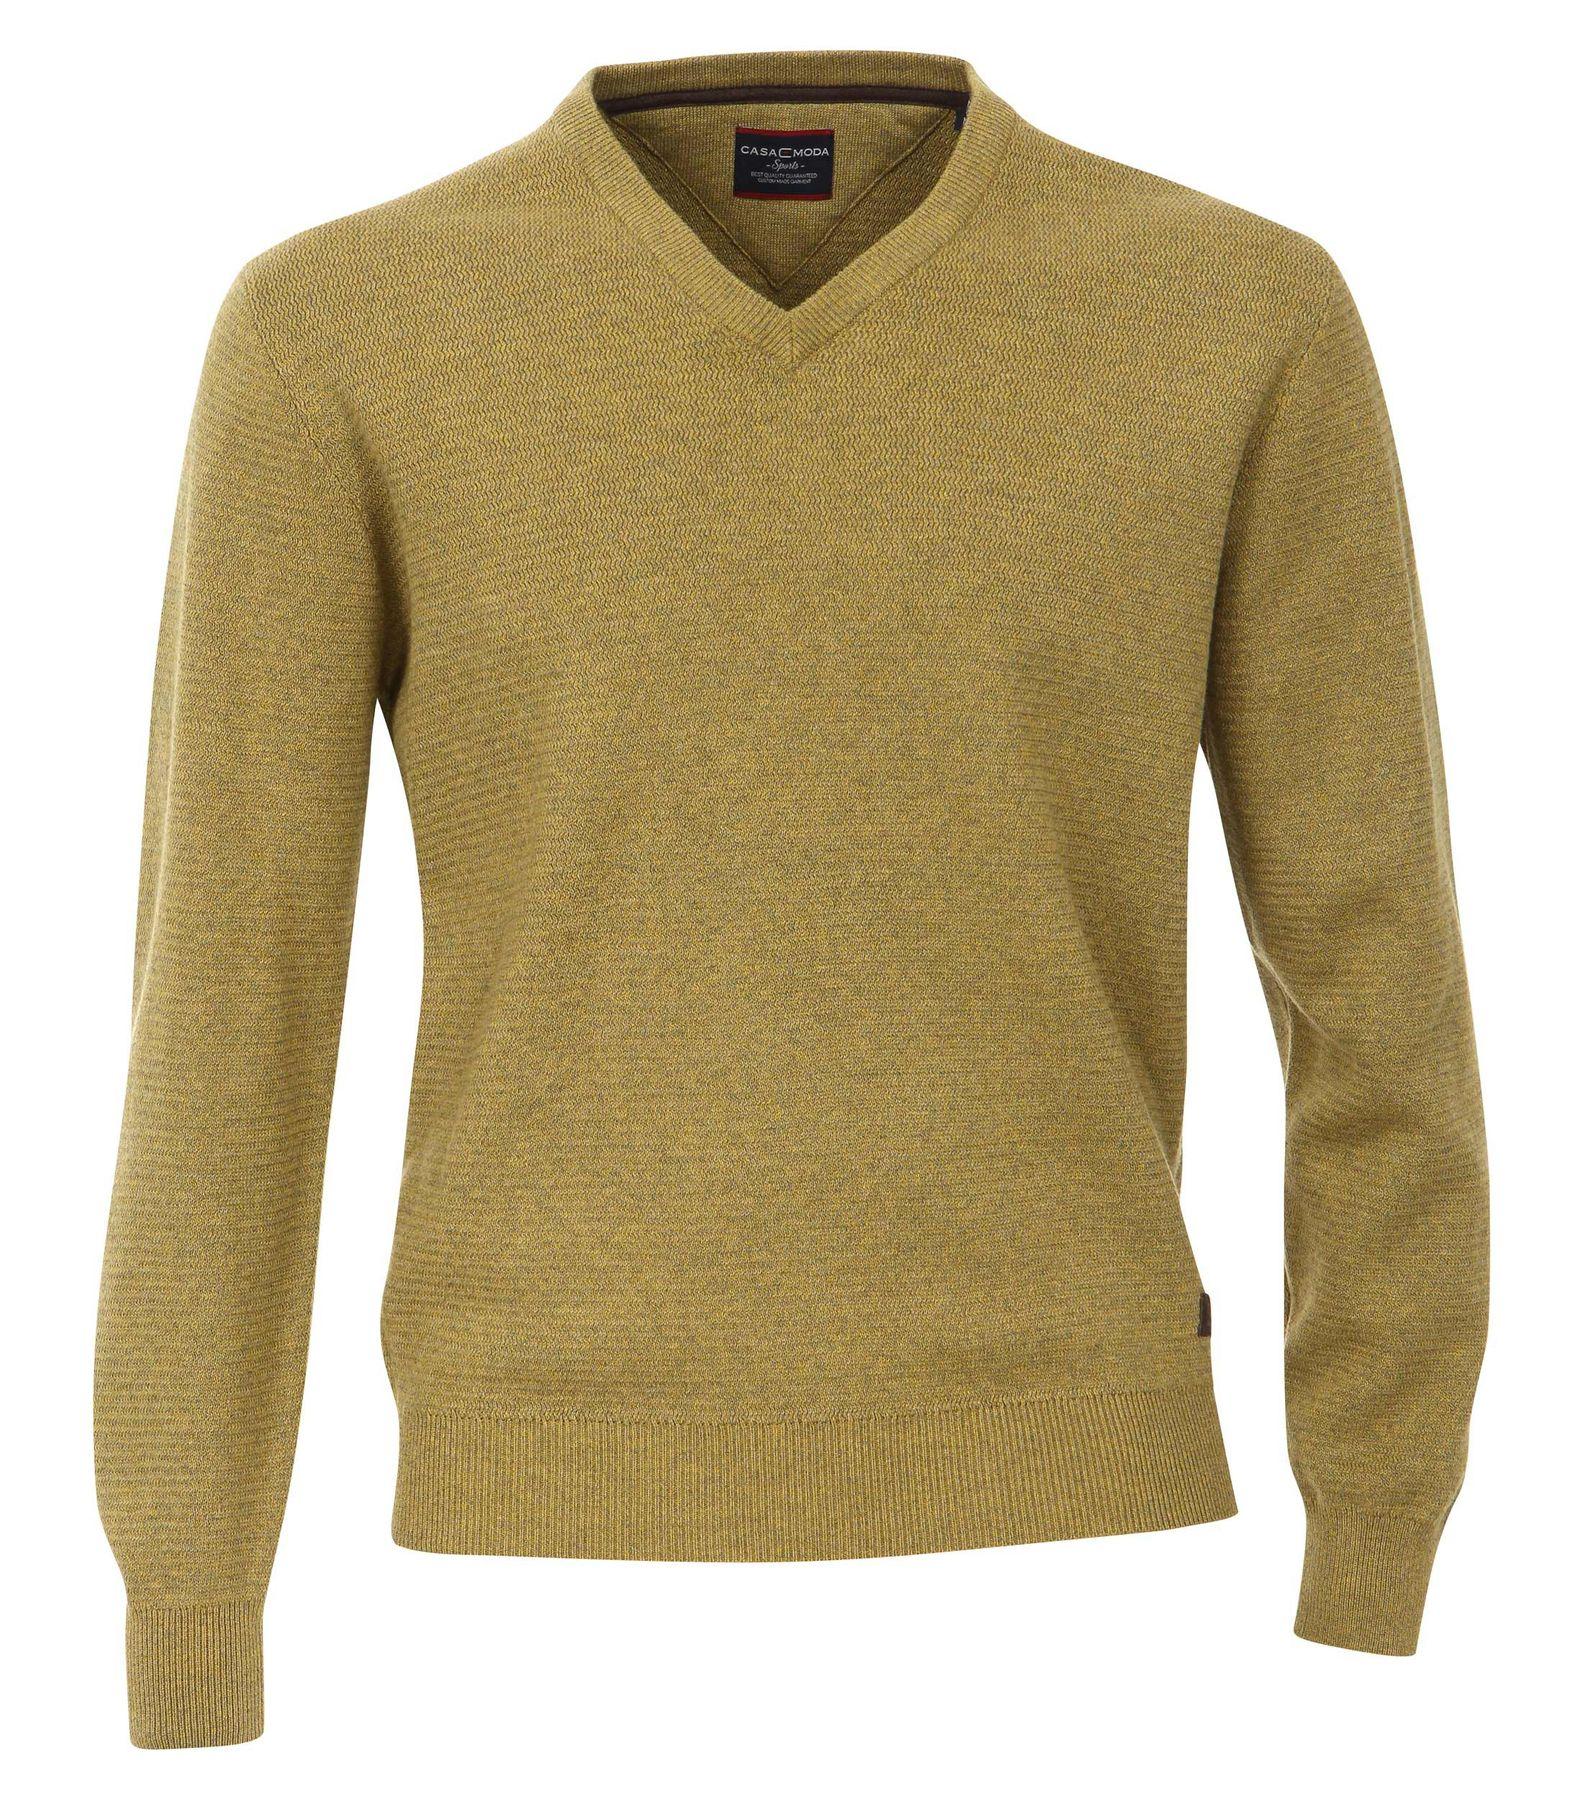 Casa Moda - Herren Pullover mit V-Ausschnitt in Melange Optik (462521200A) – Bild 19